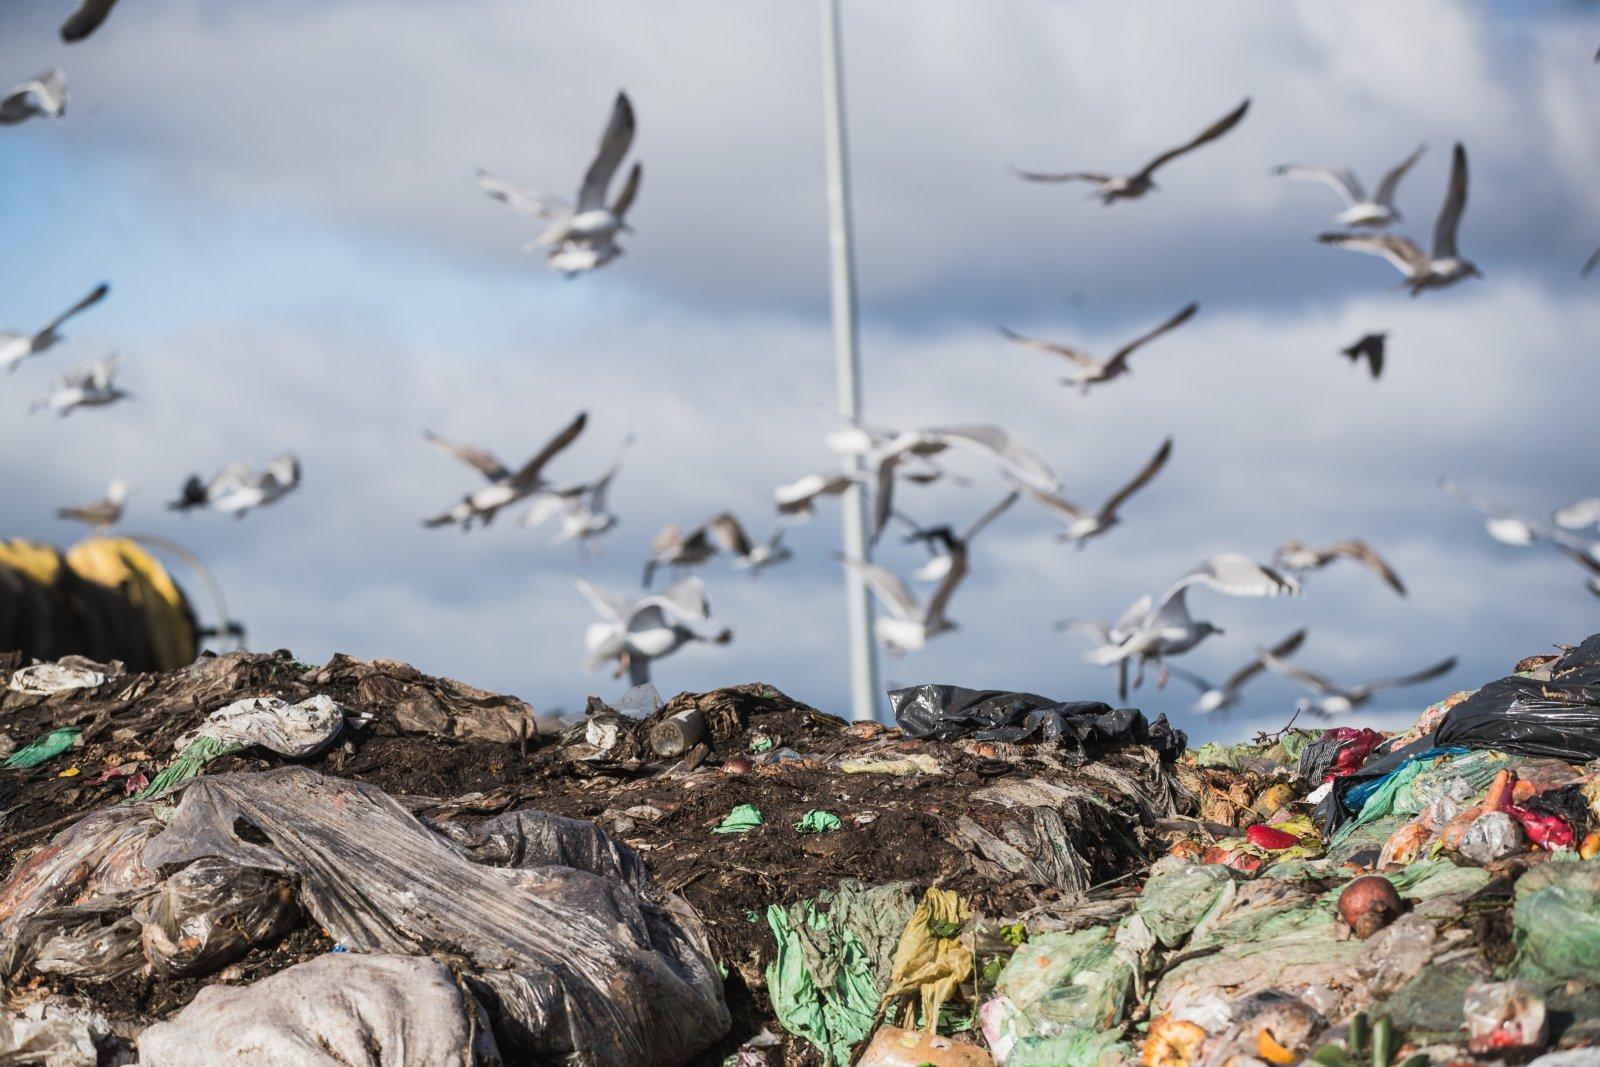 Keskkonnaamet võtab teravdatud tähelepanu alla prügilates ladestatavate jäätmete kvaliteedi: